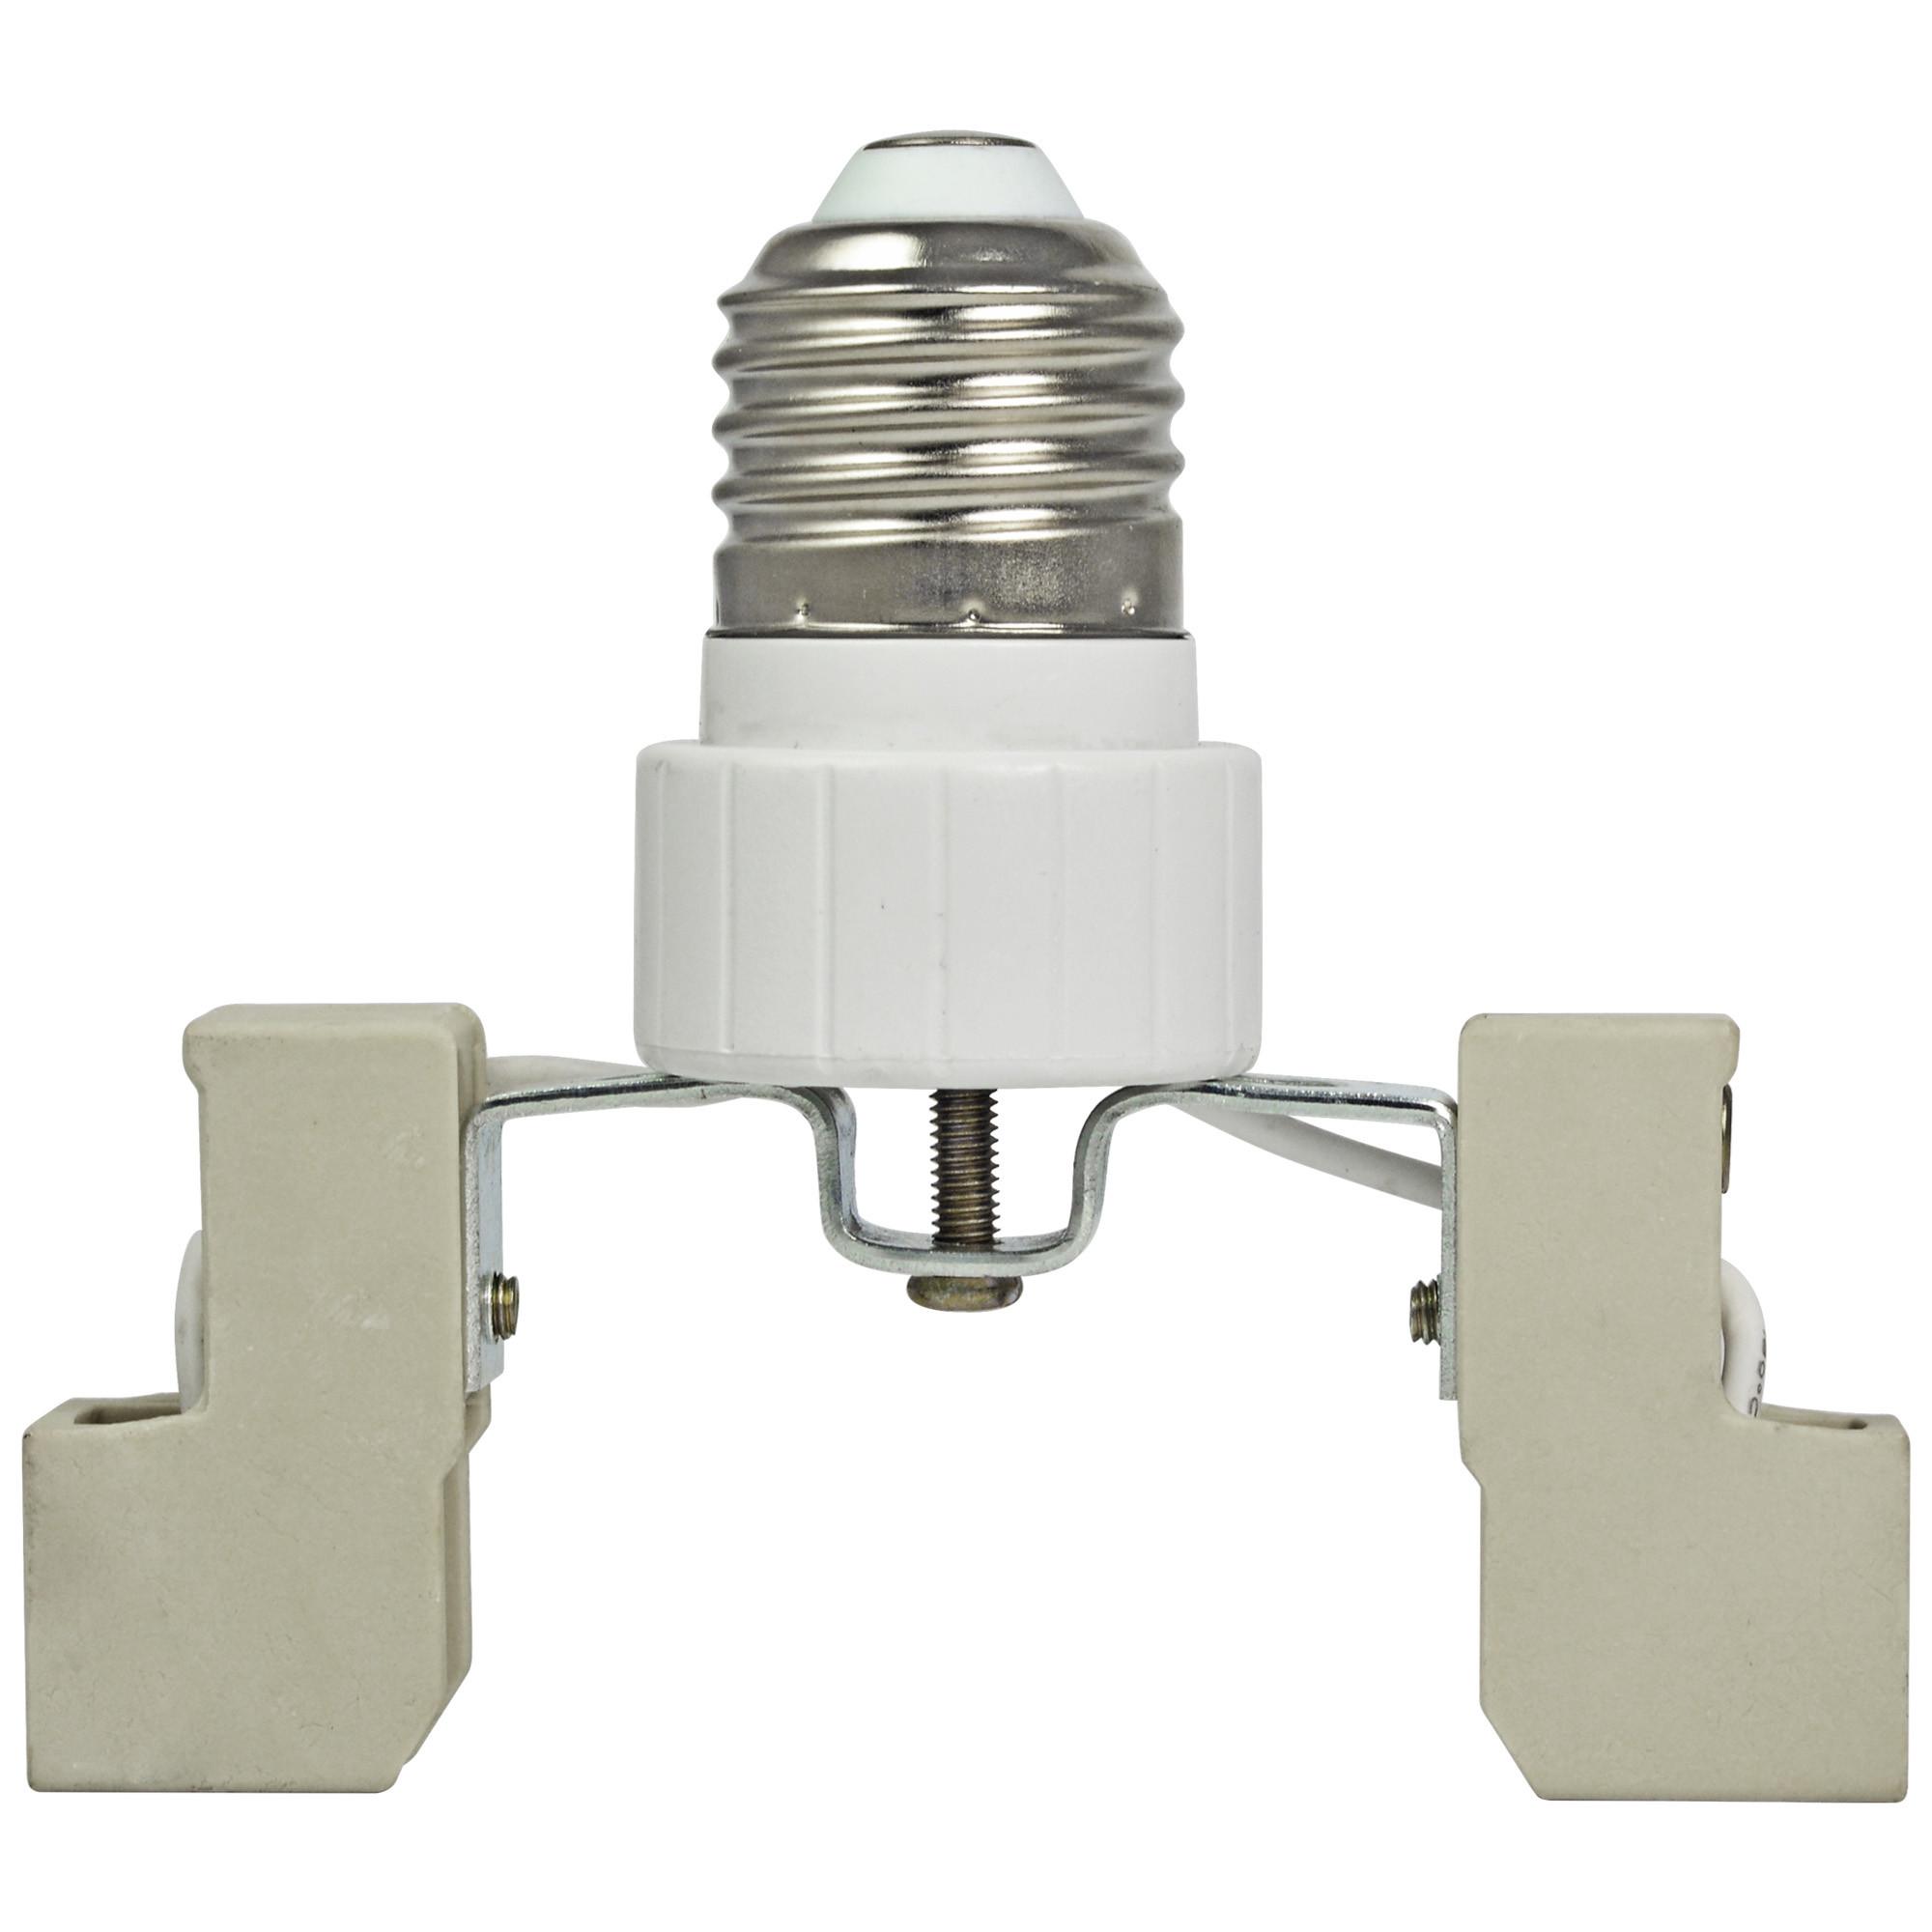 MENGS® E27 to R7S-78mm Base LED Light Lamp Bulb Adapter Converter